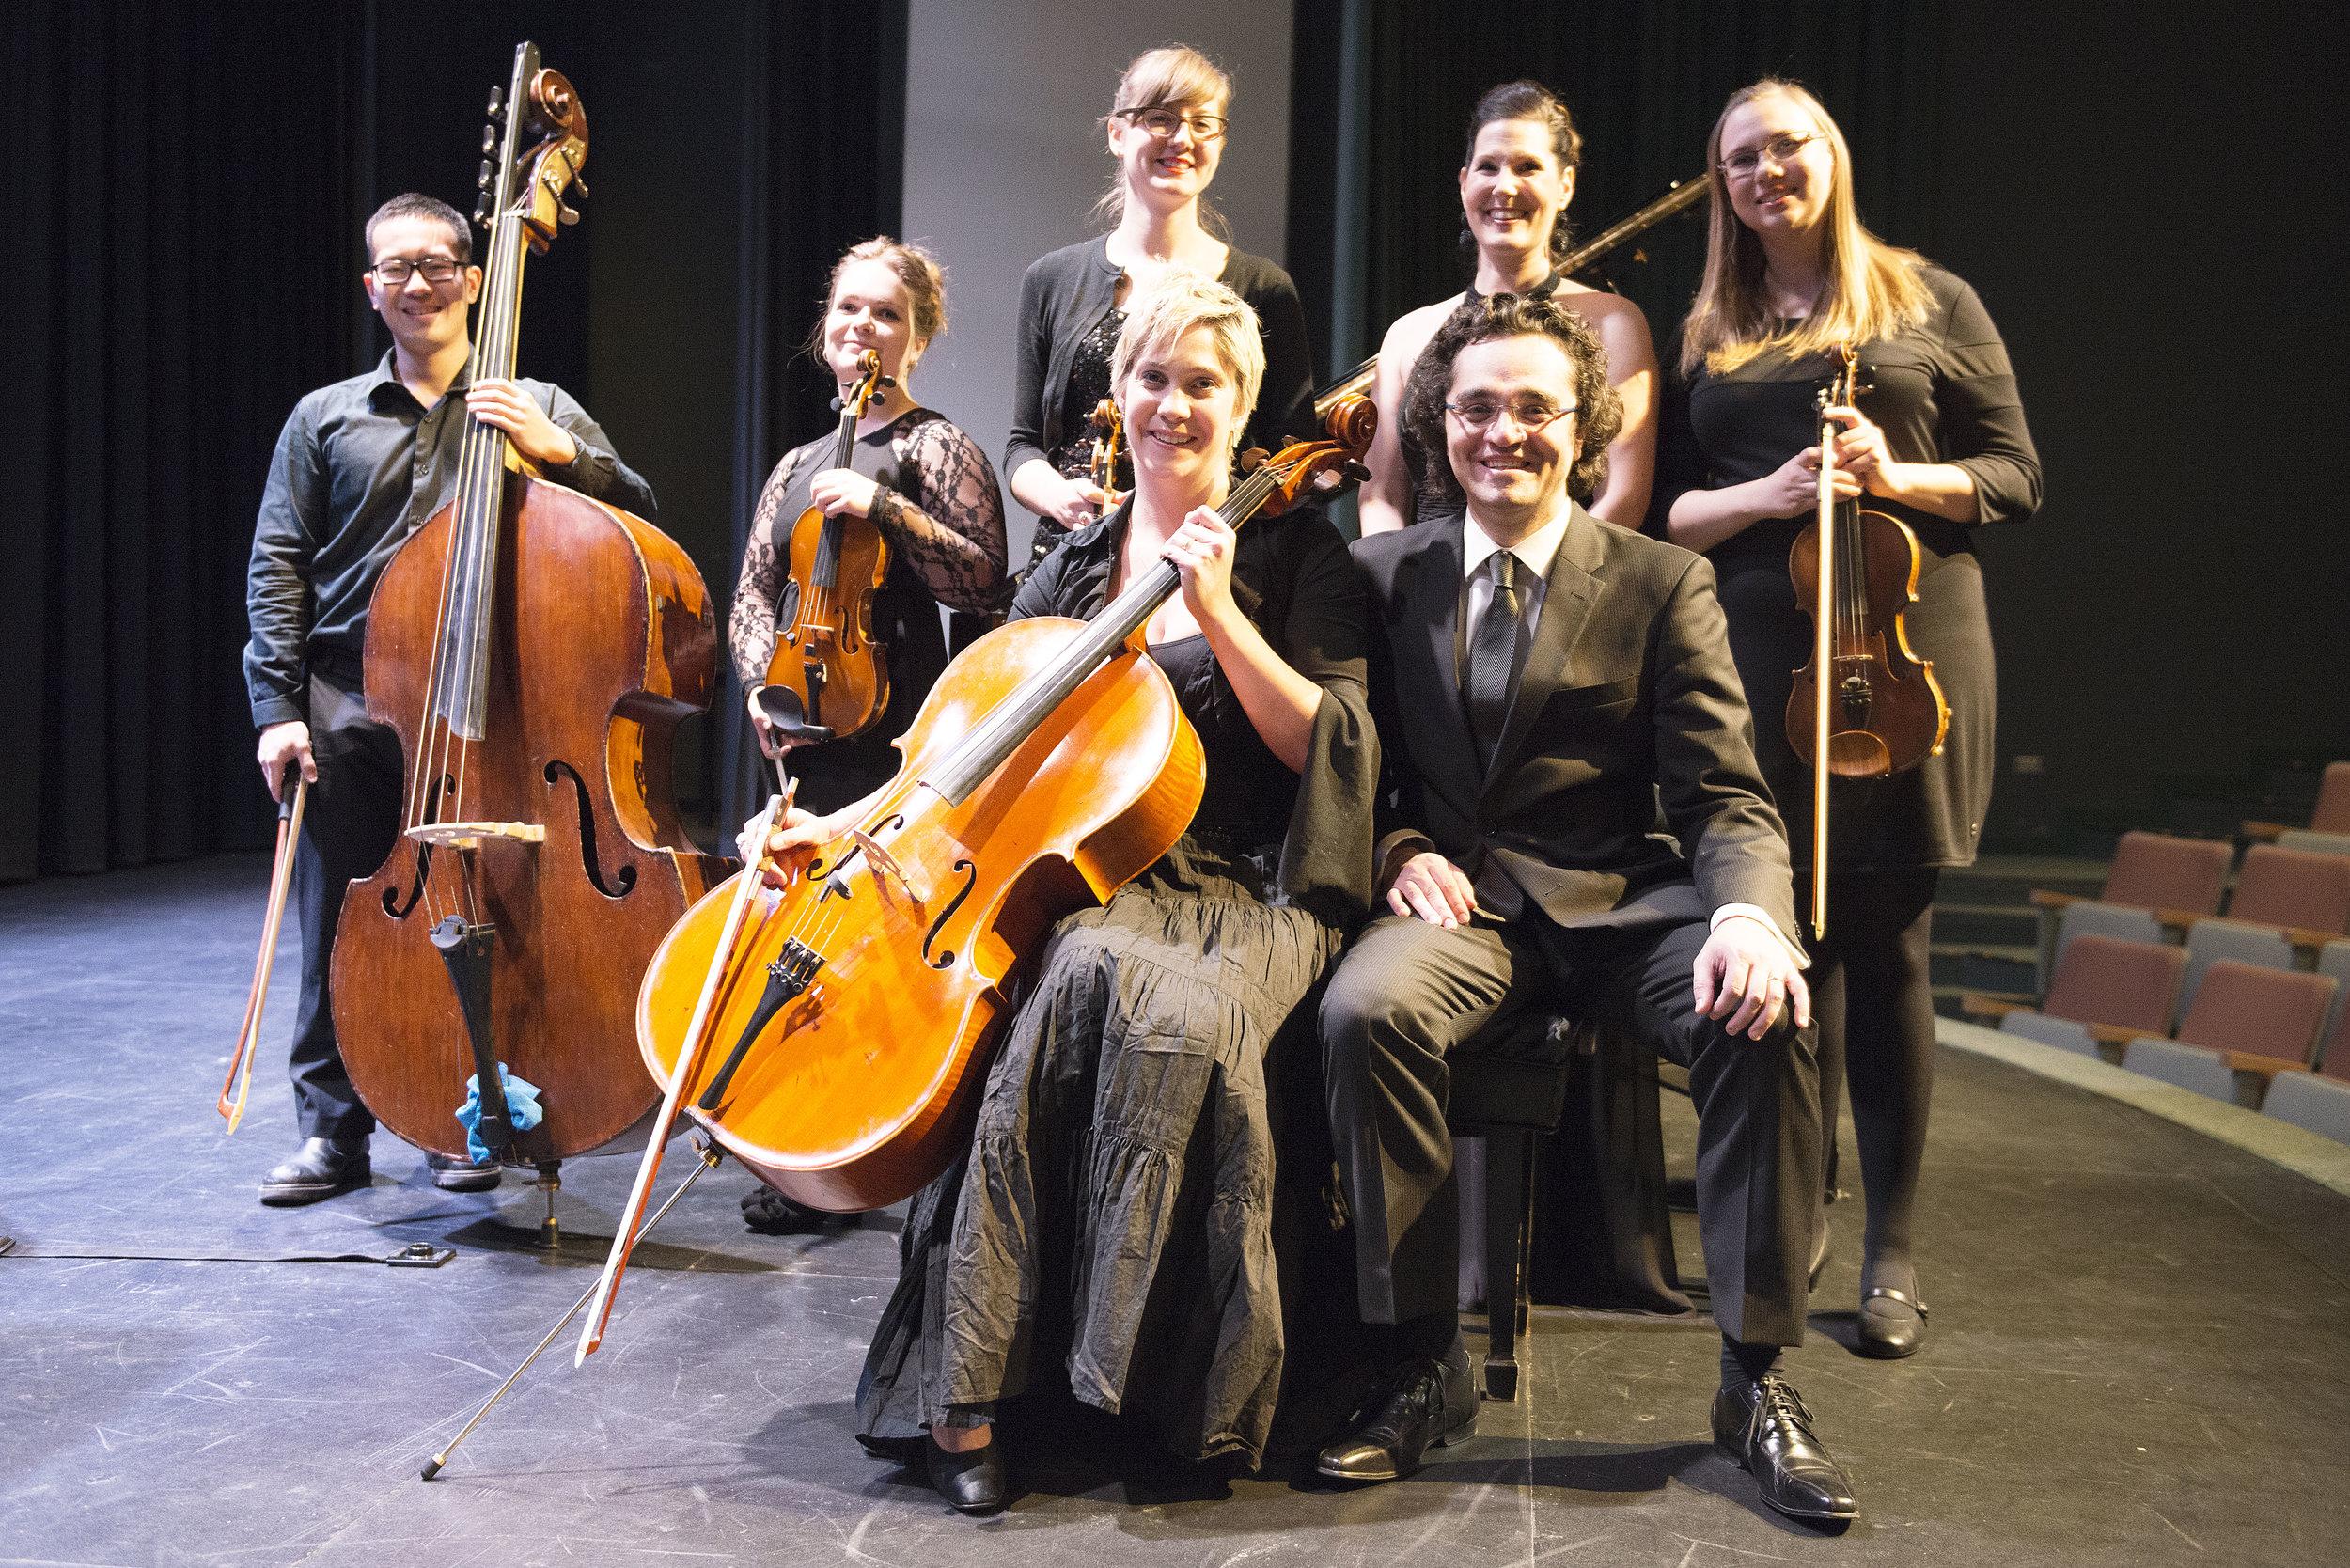 Soloist, Alberta Symphony Orchestra Premiere Tour